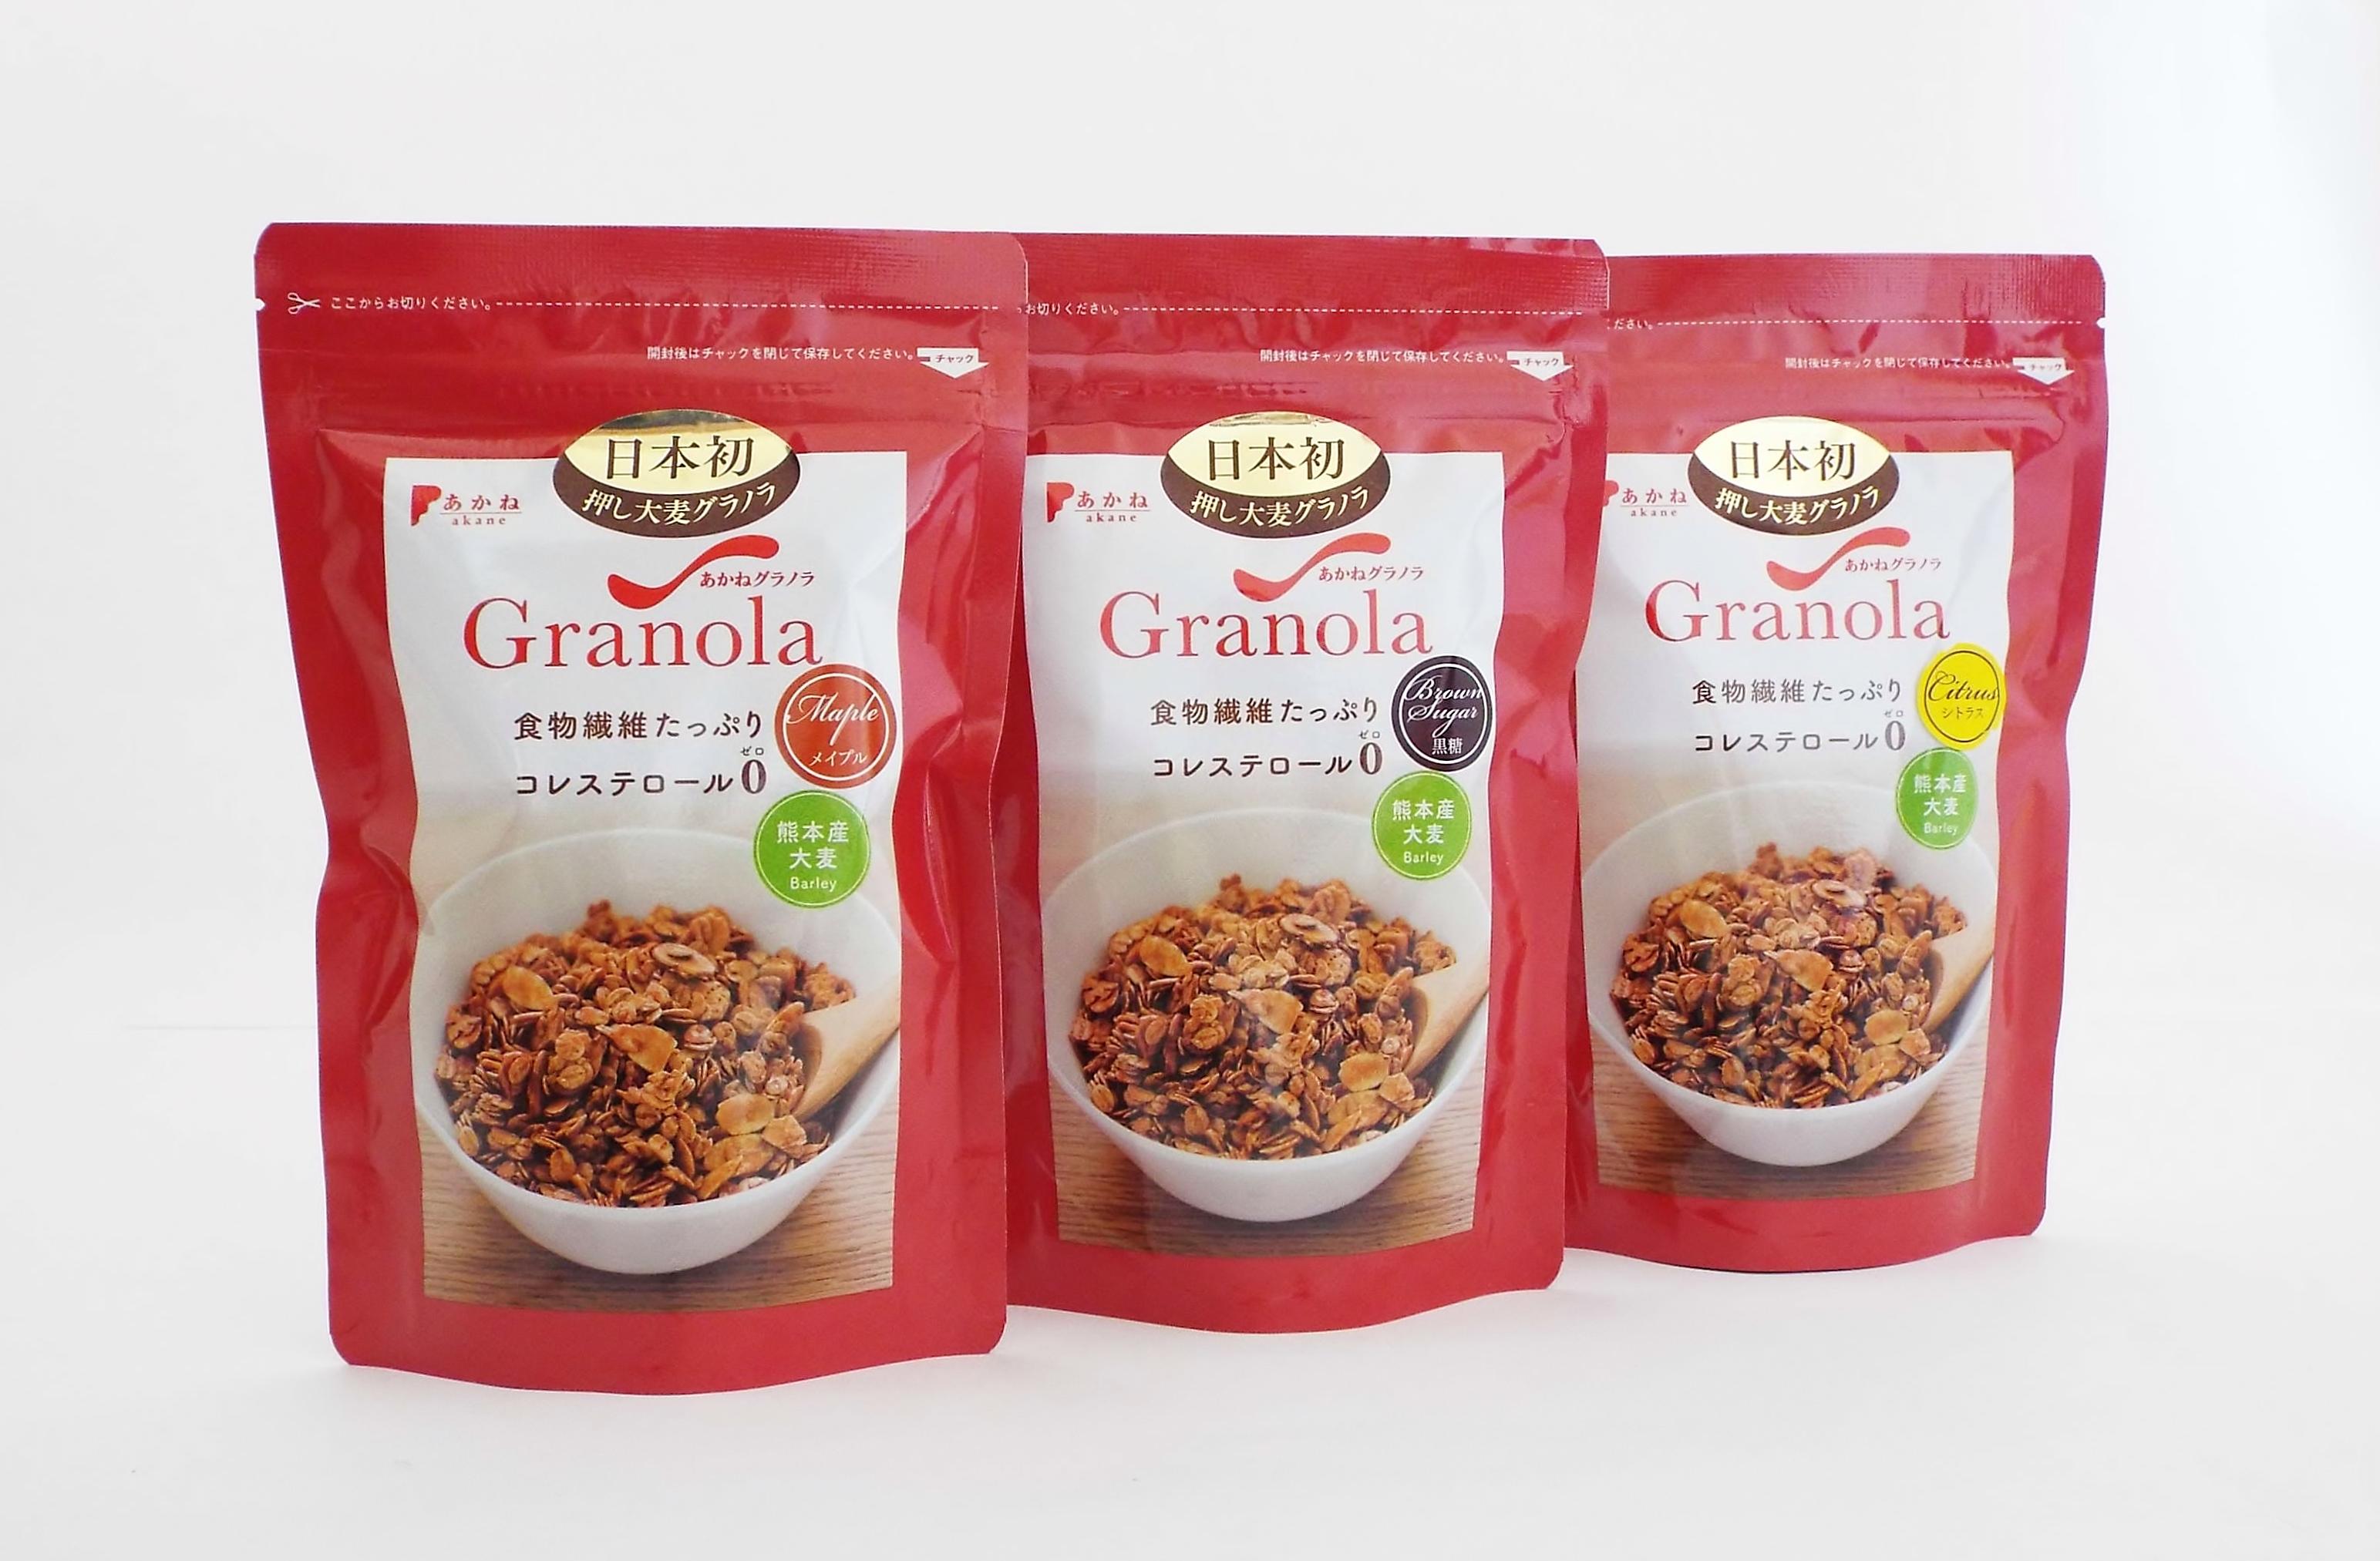 あかねグラノラ大麦レギュラーサイズ3種セット.JPG